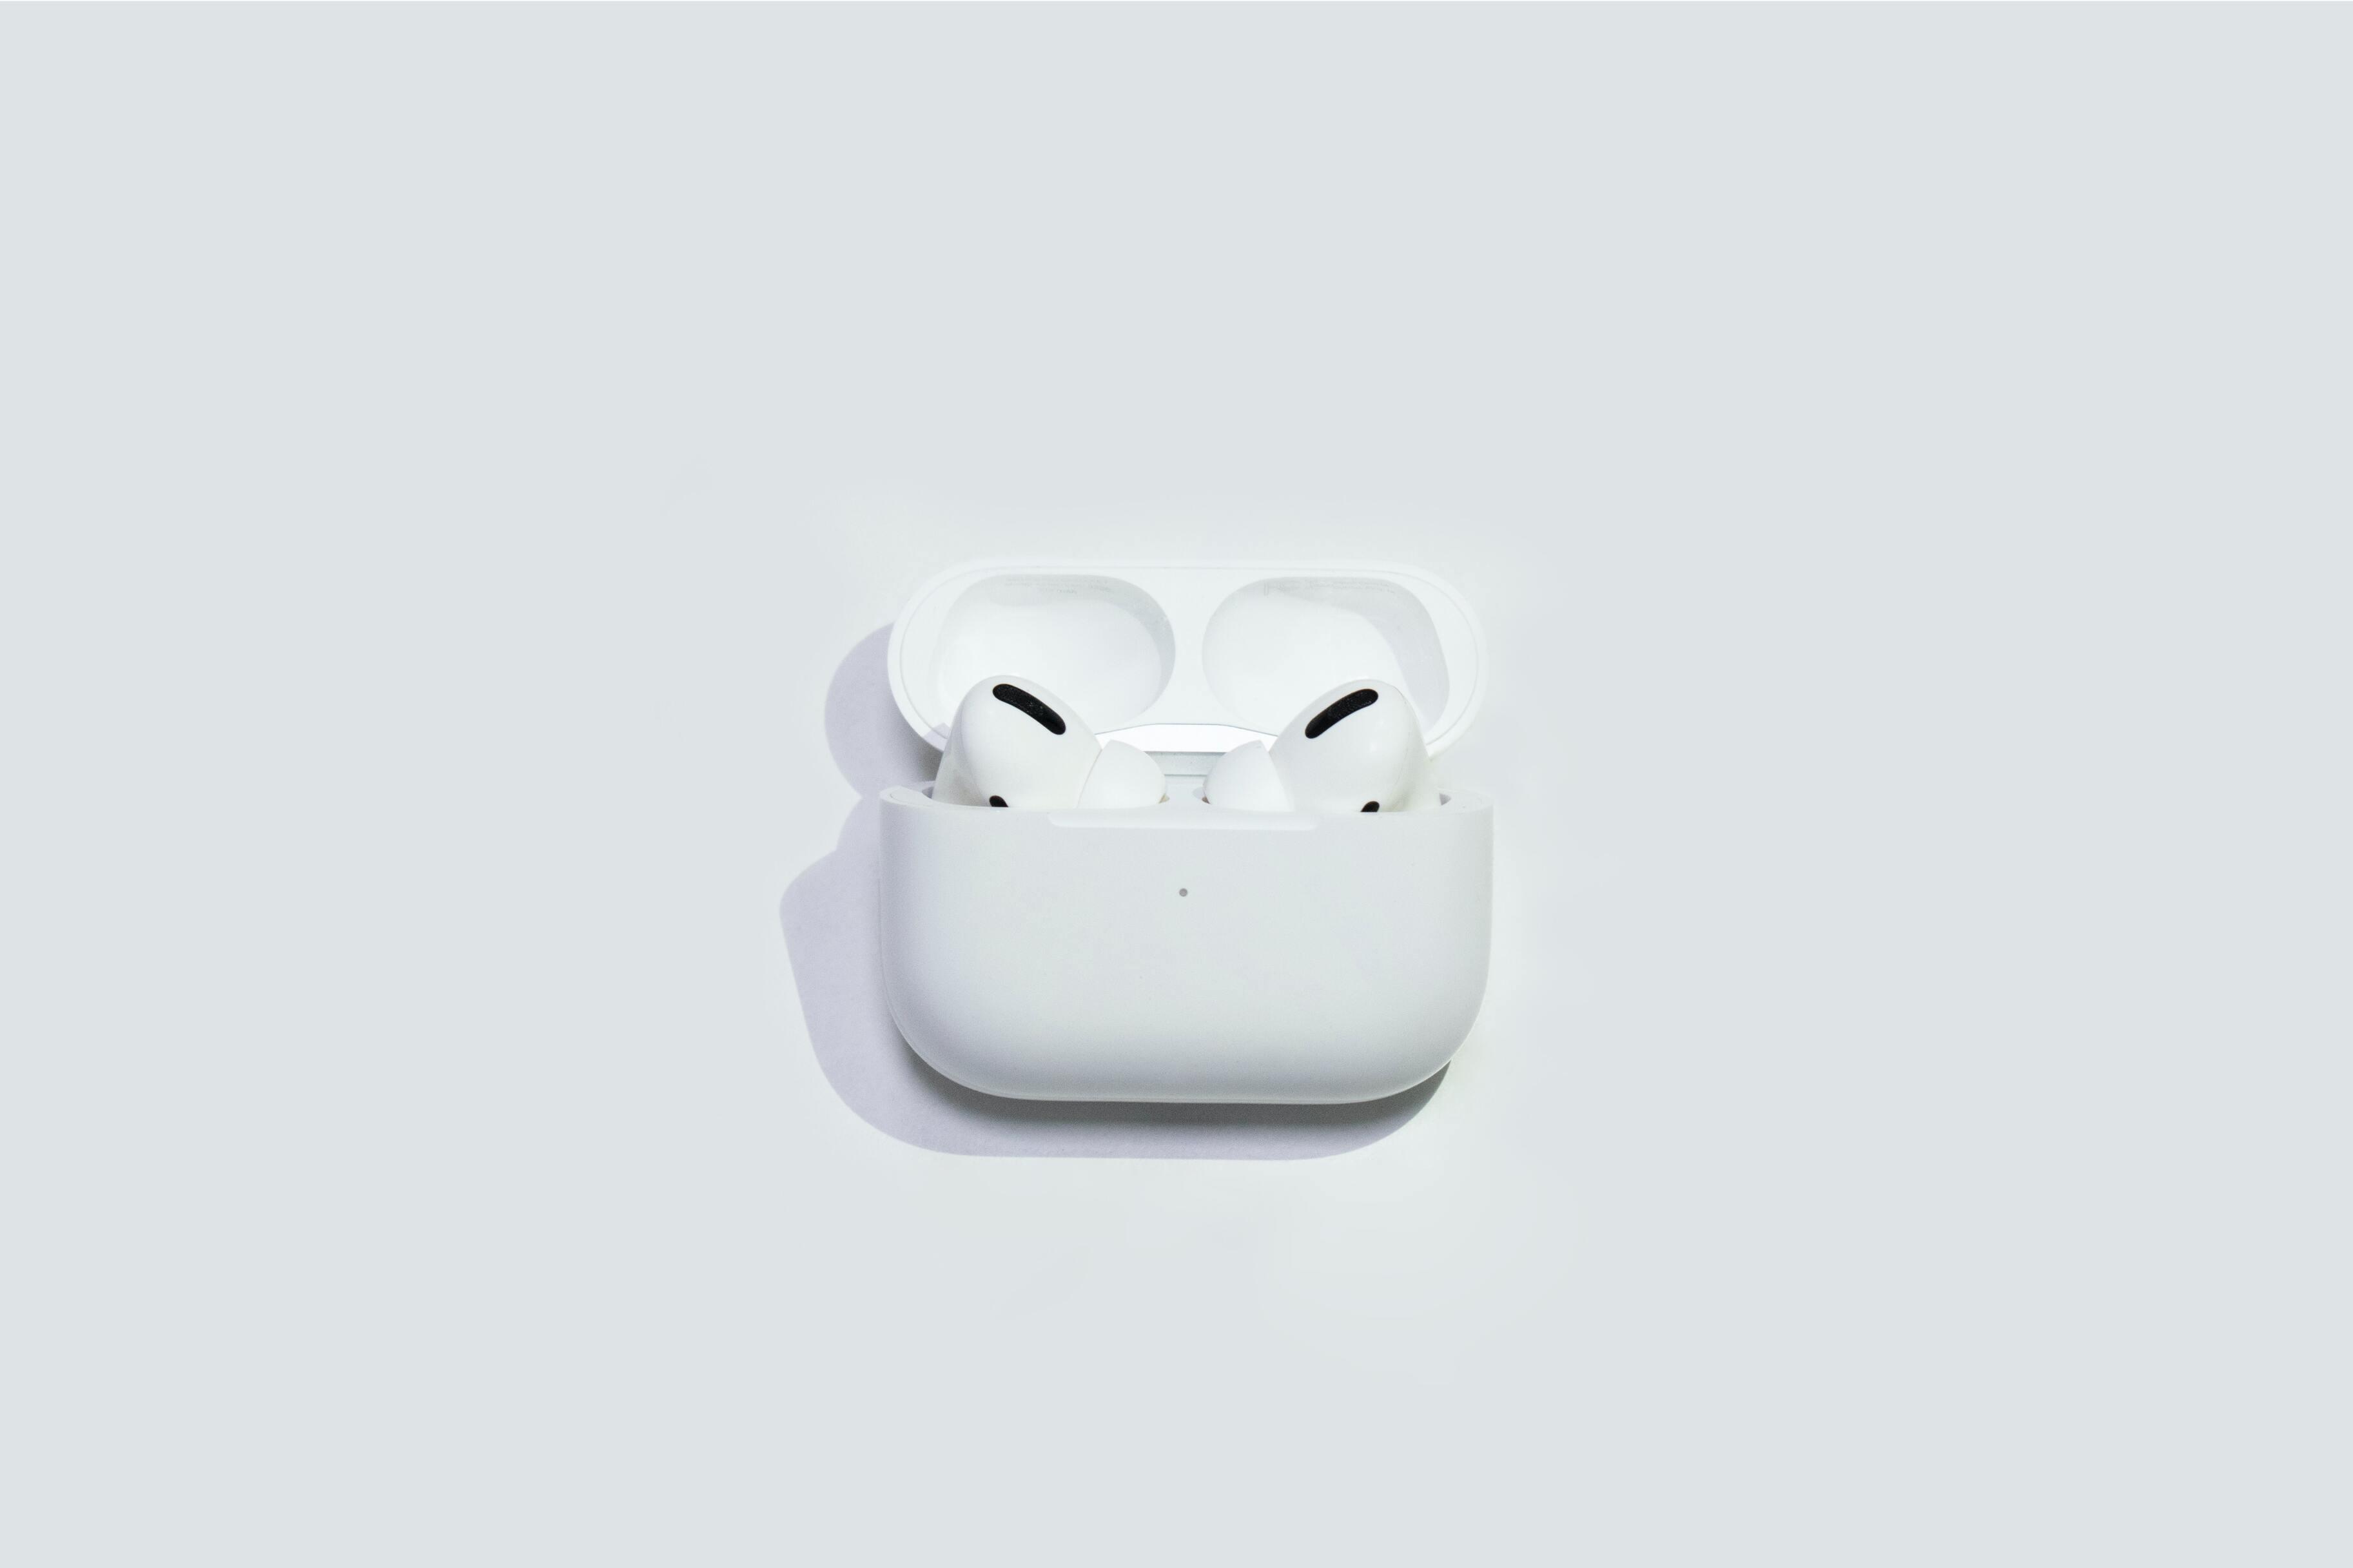 Новые беспроводные наушники Apple начнут отслеживать движения пользователей